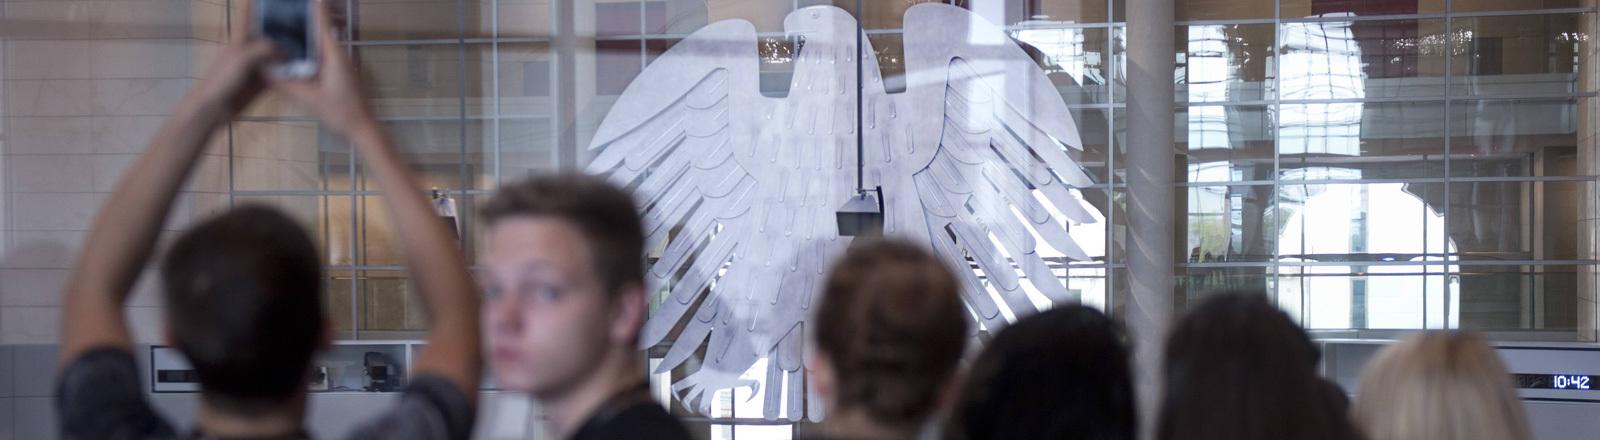 Jugendliche vorm Plenarsaal des Deutschen Bundestages in Berlin 10.09.2014